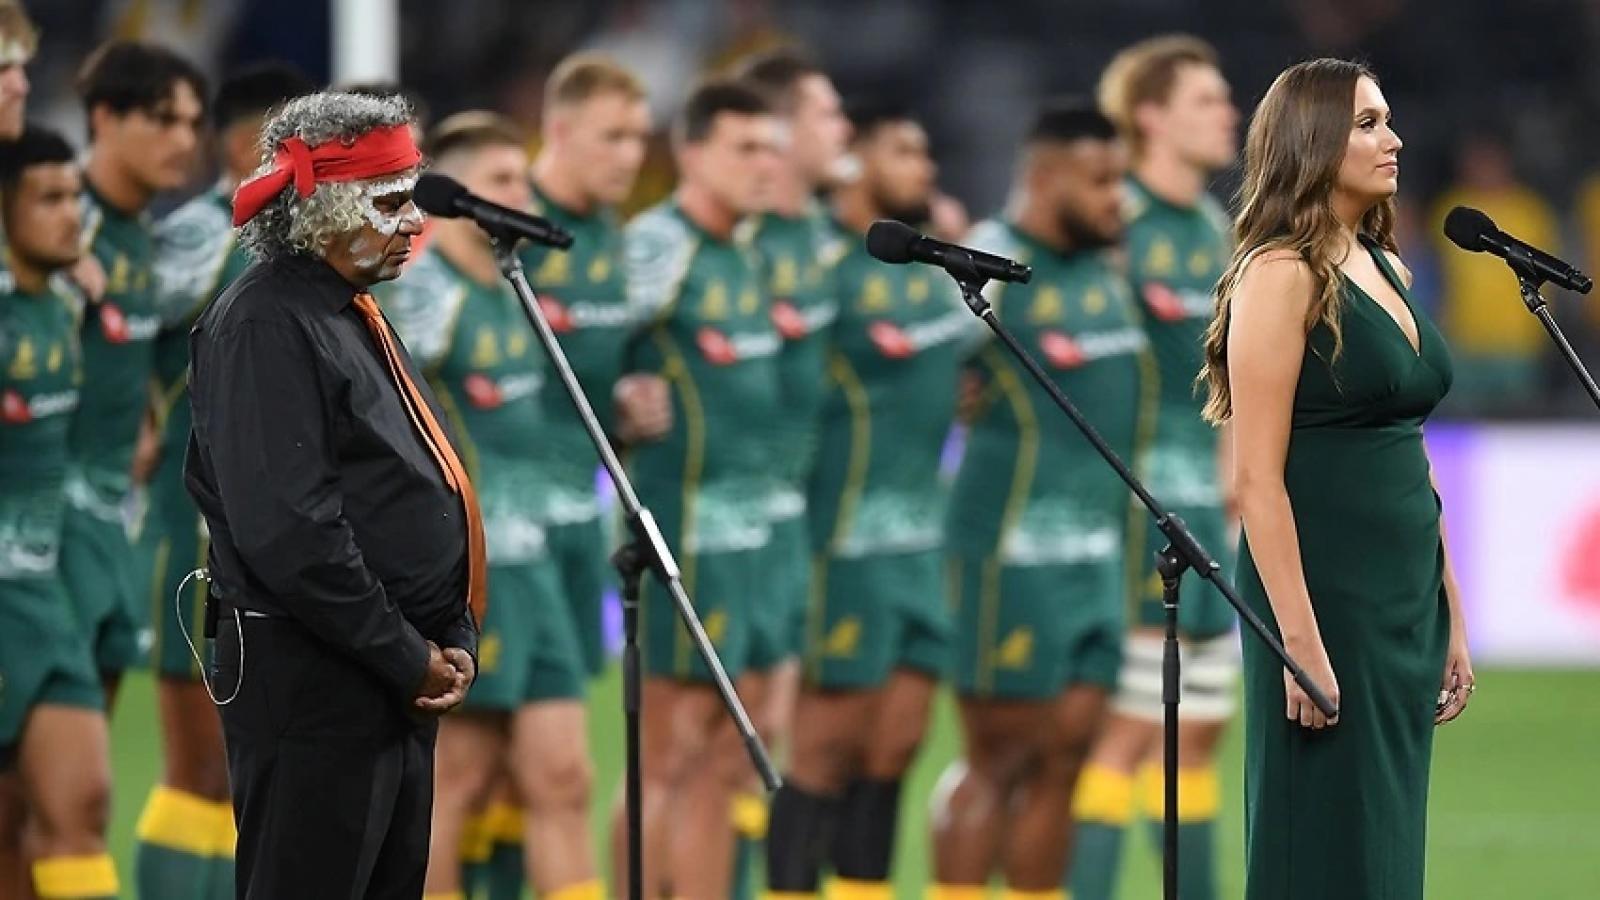 Australia sửa quốc ca để thể hiện tinh thần đoàn kết của người dân